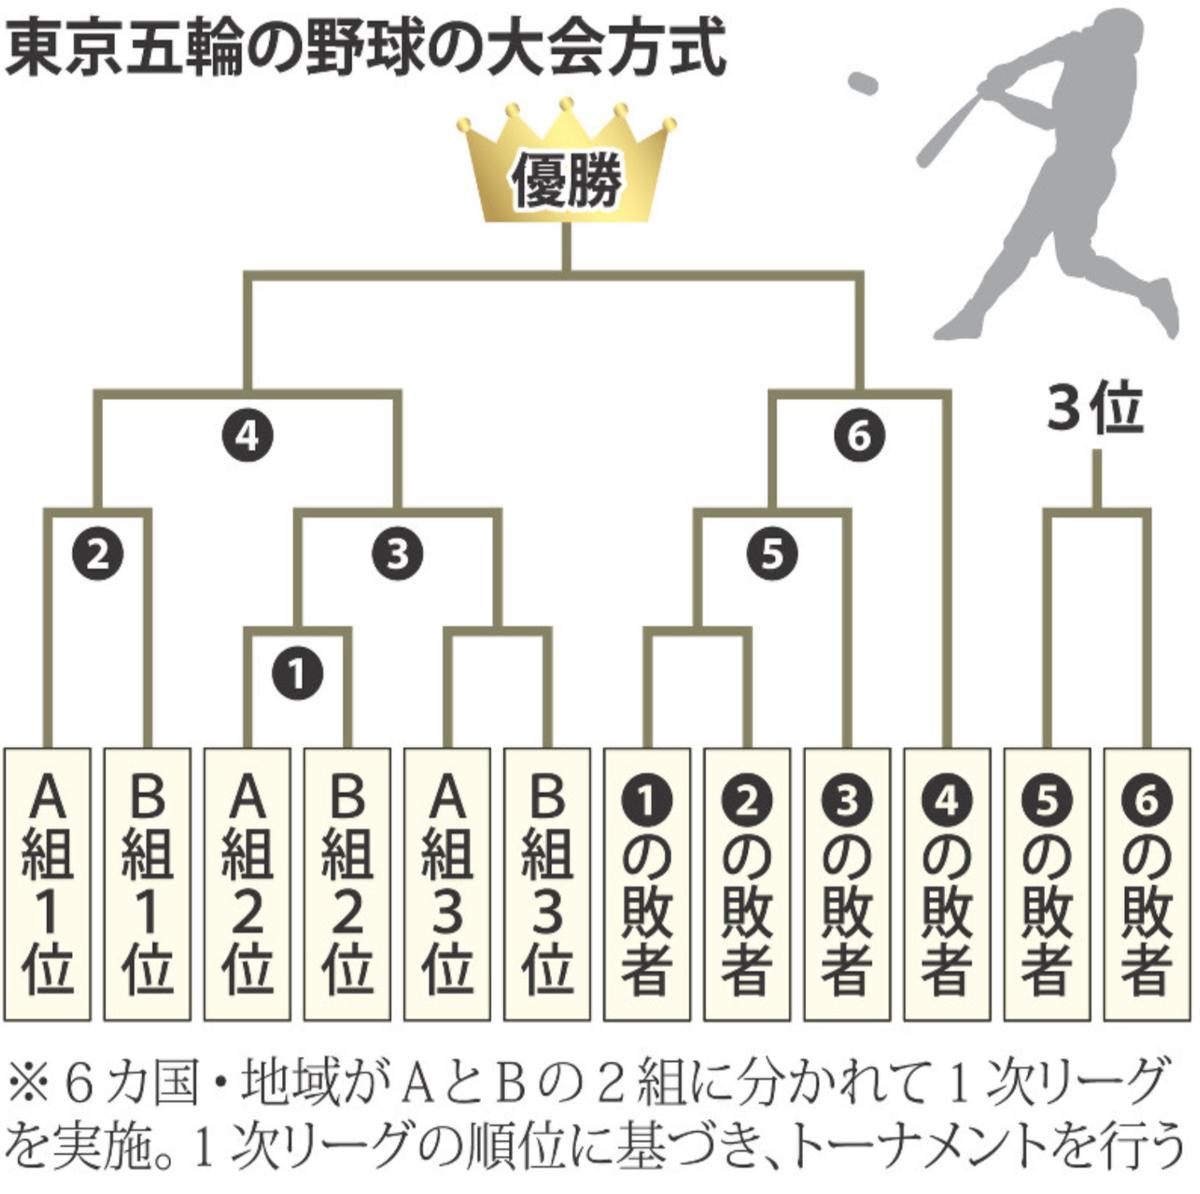 東京五輪の野球の大会方式